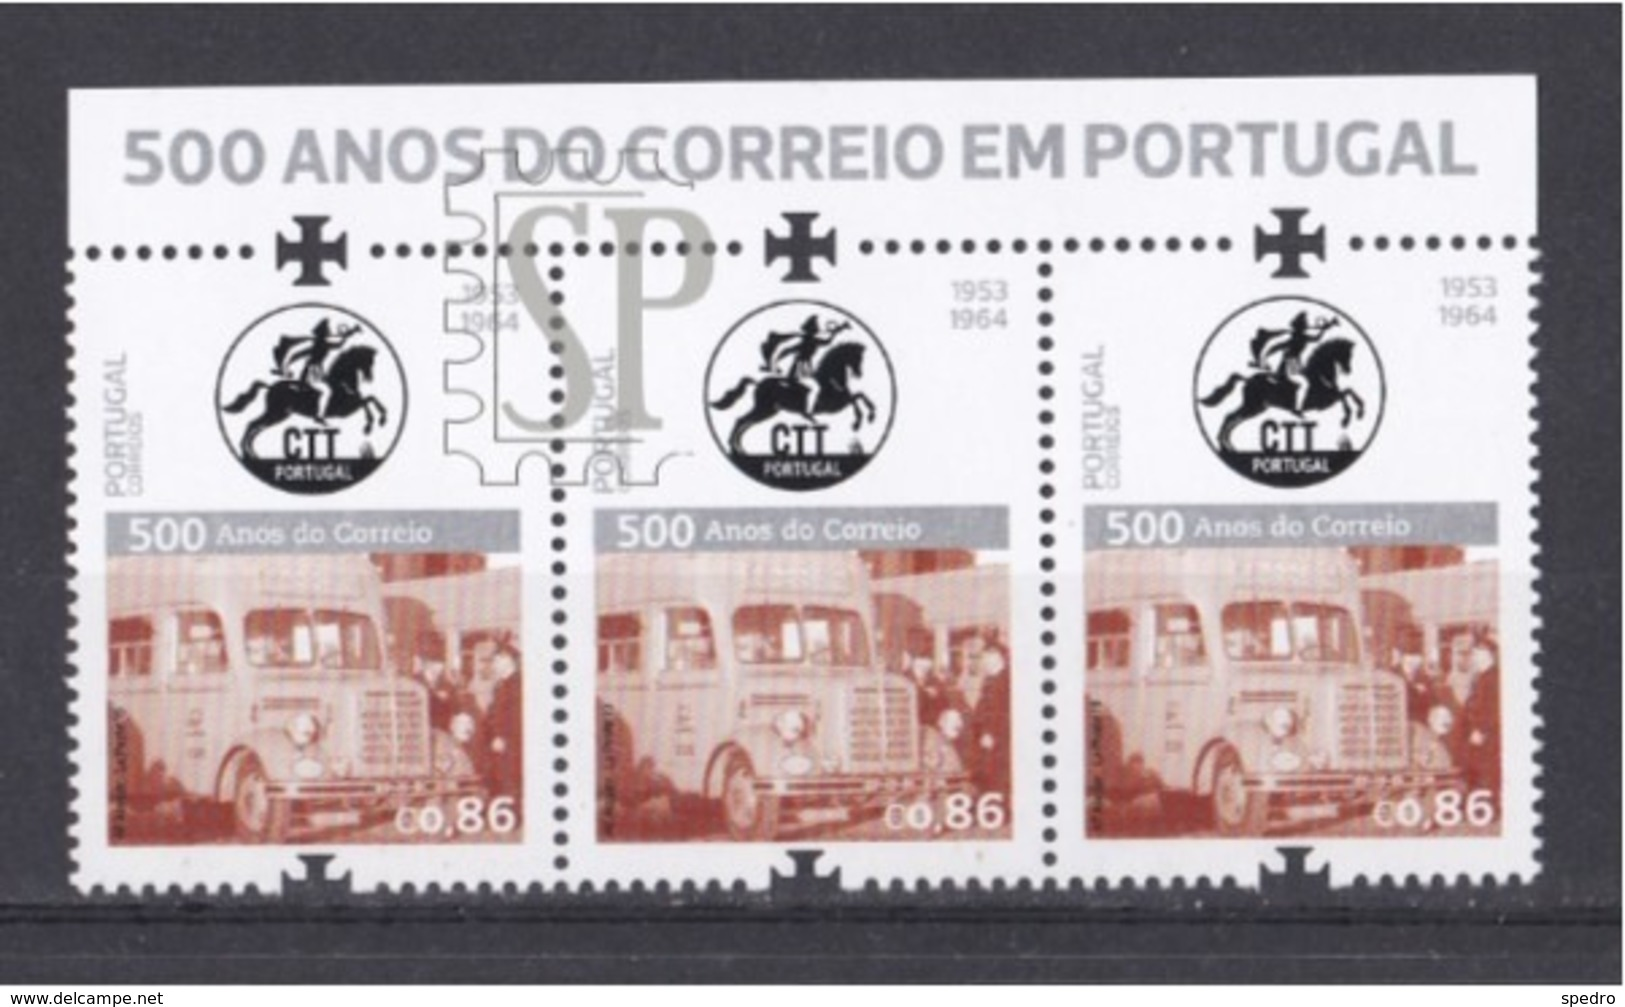 Portugal 2019 500 Anos Do Correio Post Services Posta Poste Courrier Philaposte Phil@poste Camion Truck - Correo Postal